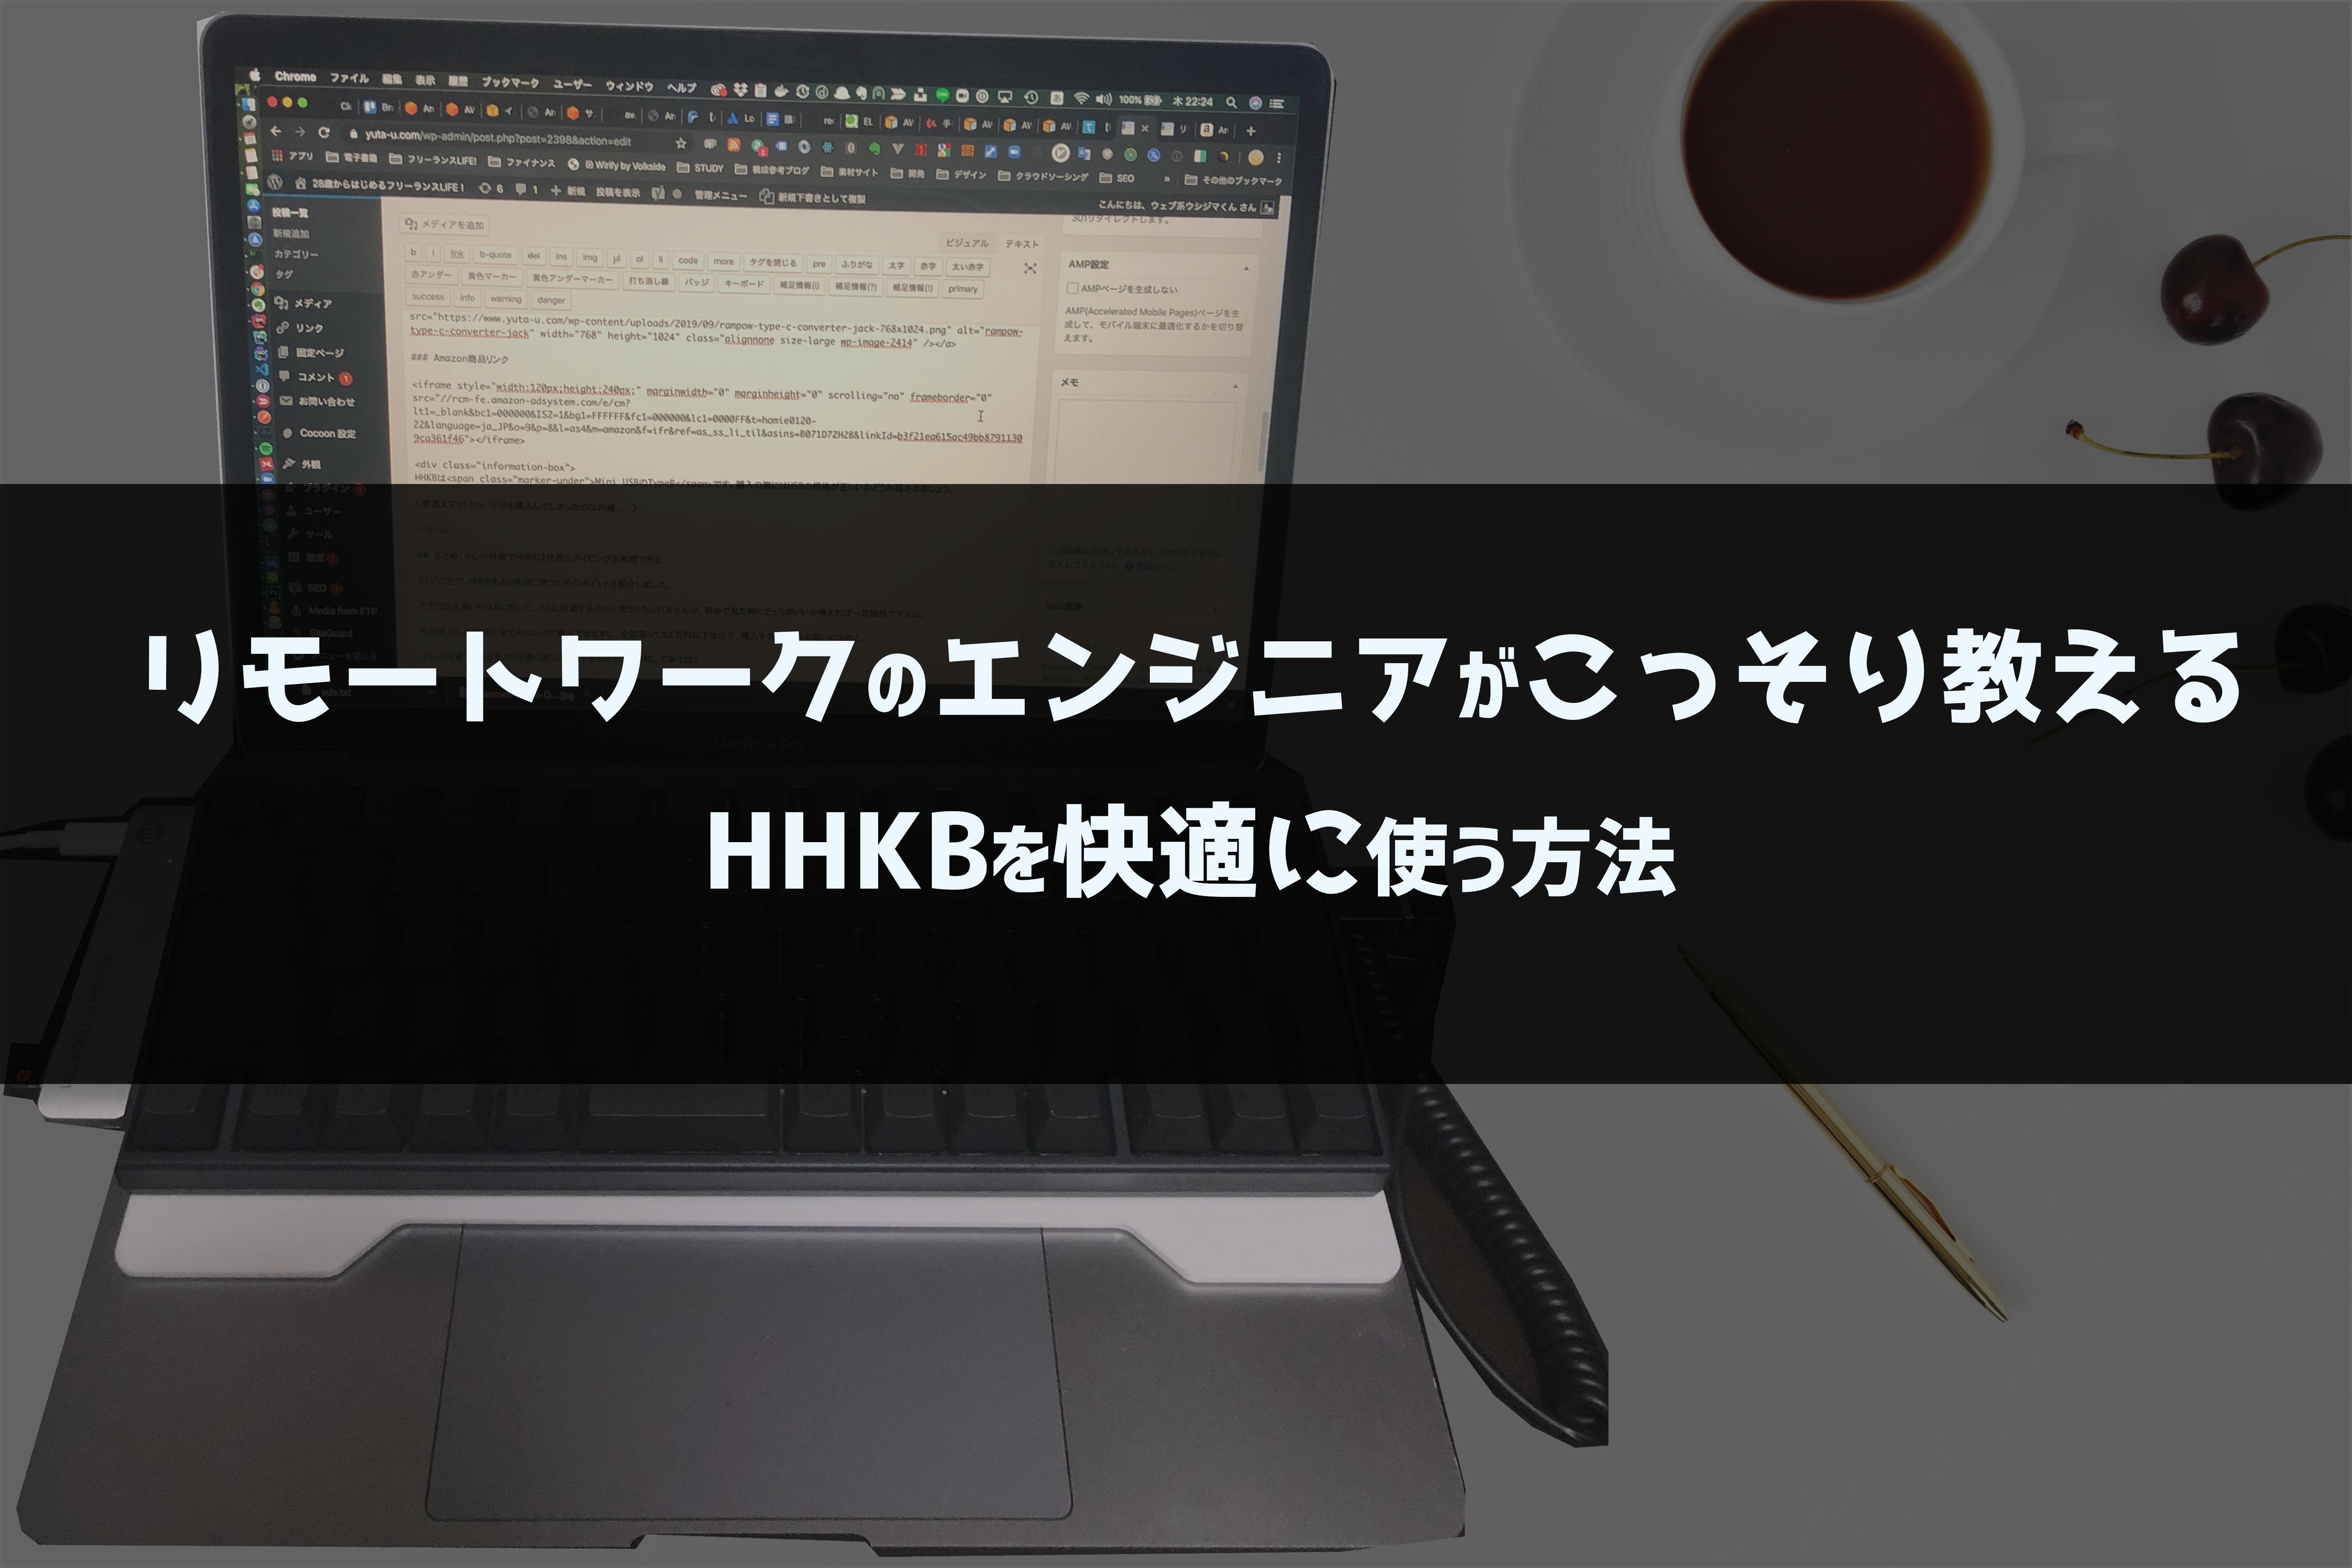 アイキャッチ画像:リモートワークのエンジニアがこっそり教える、HHKBを快適に使う方法